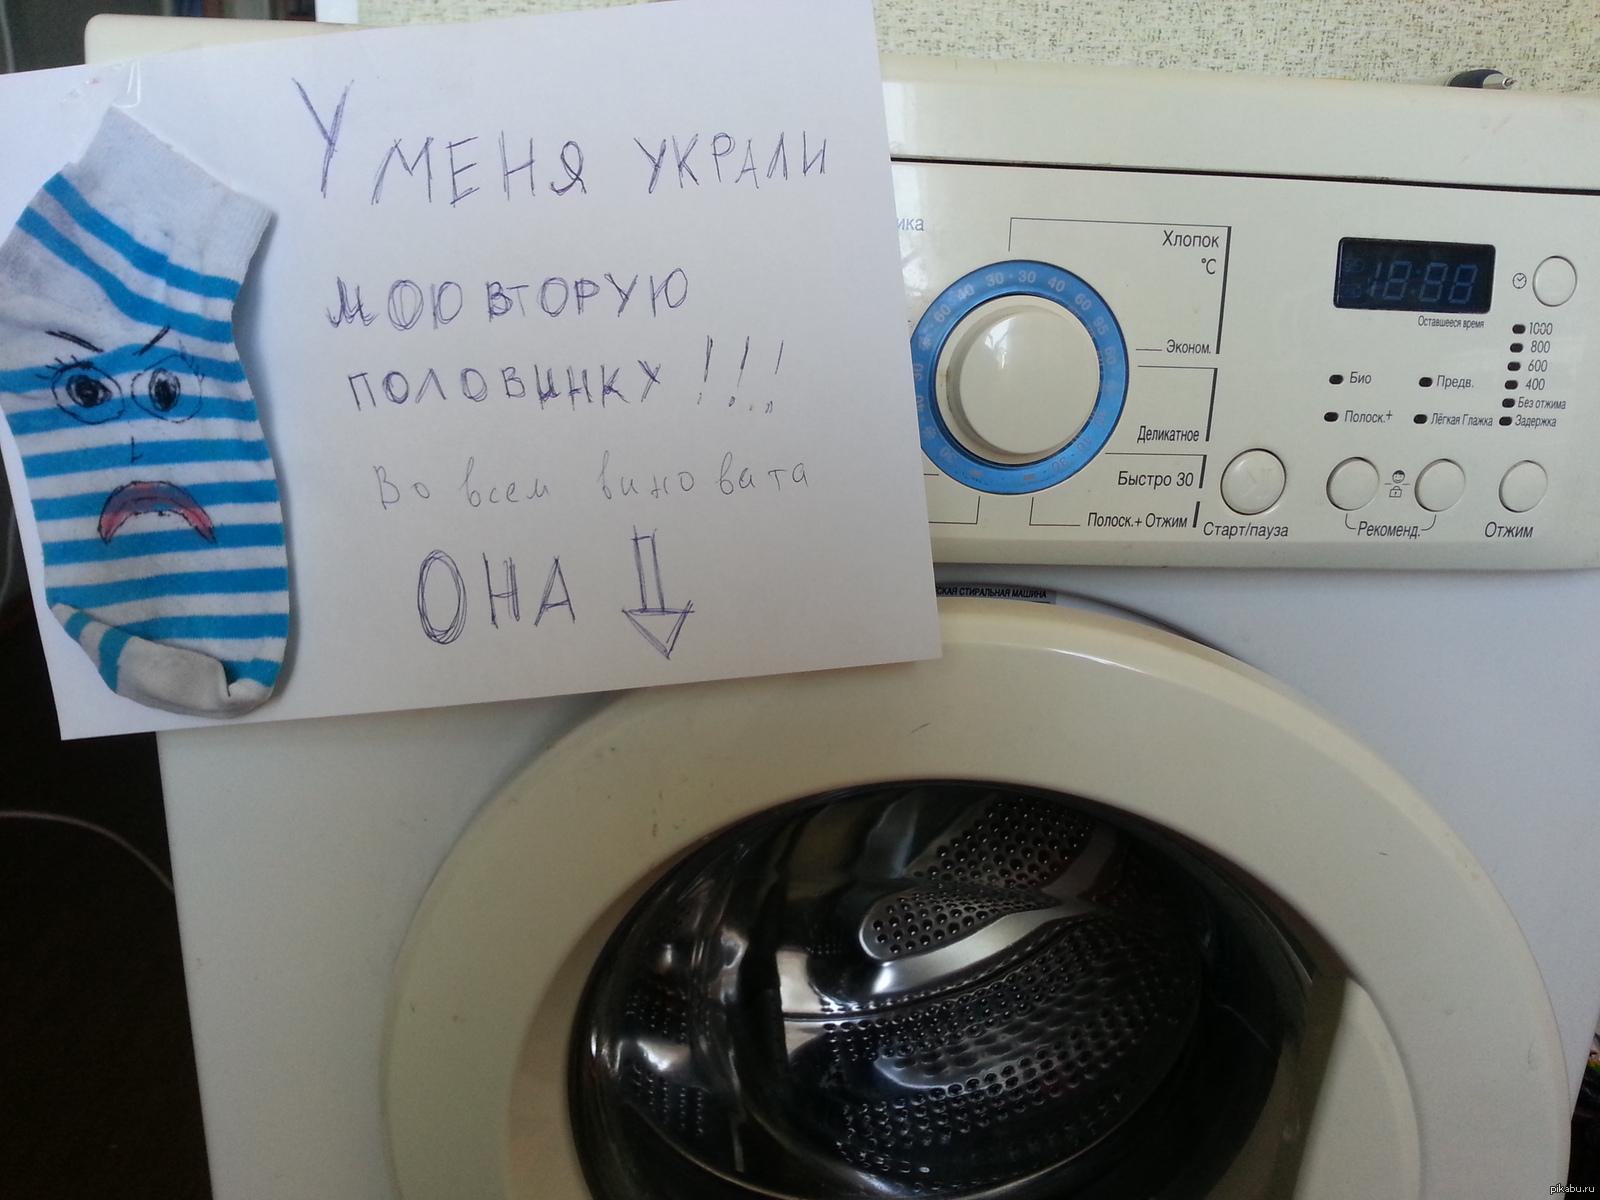 Вечеря, картинки стиральная машина прикольные